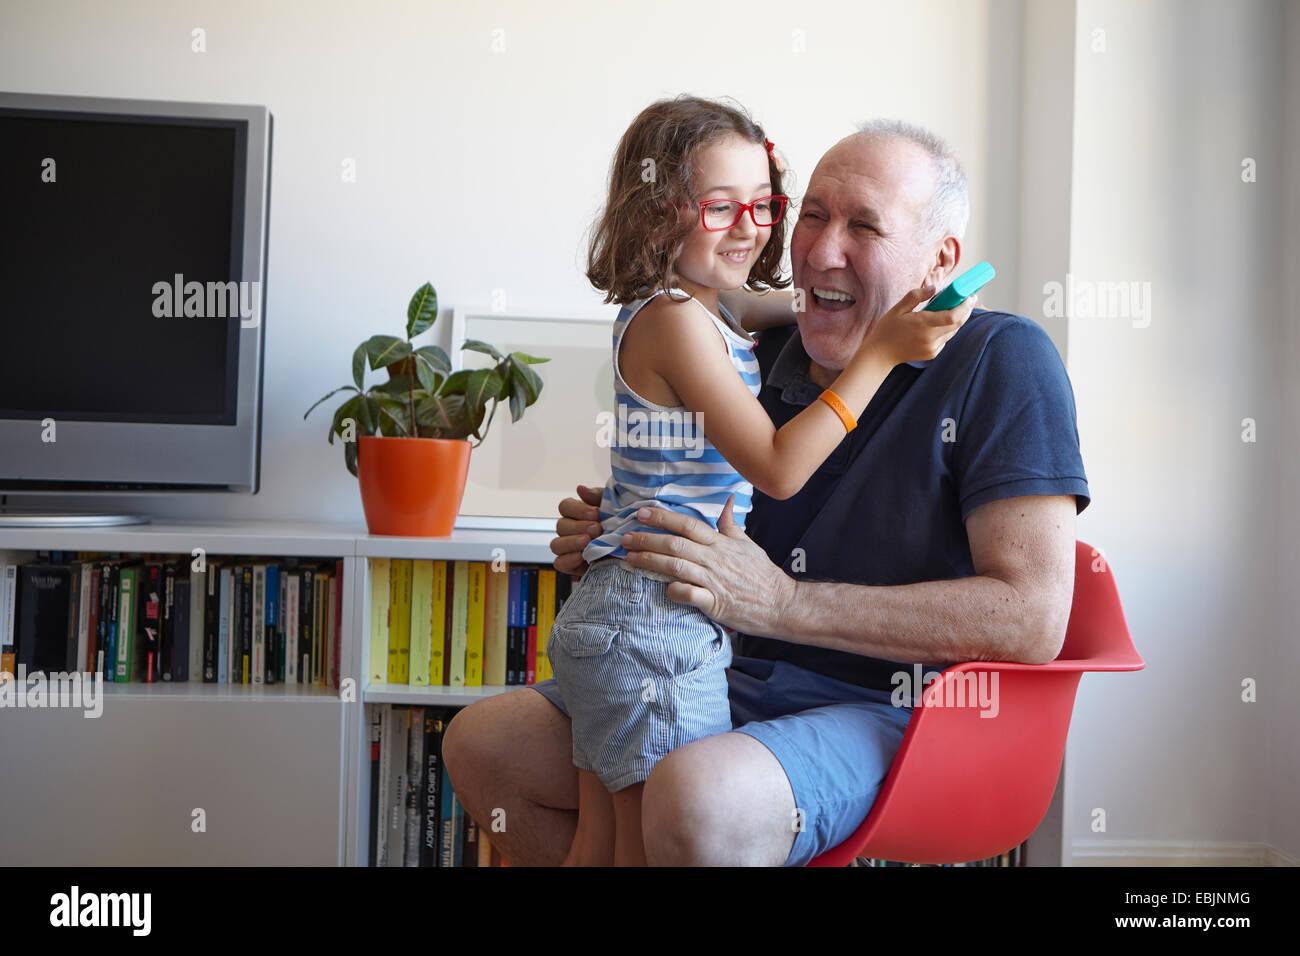 Ragazza e nonno di ridere mentre gioco tenuto in mano gioco per computer Immagini Stock